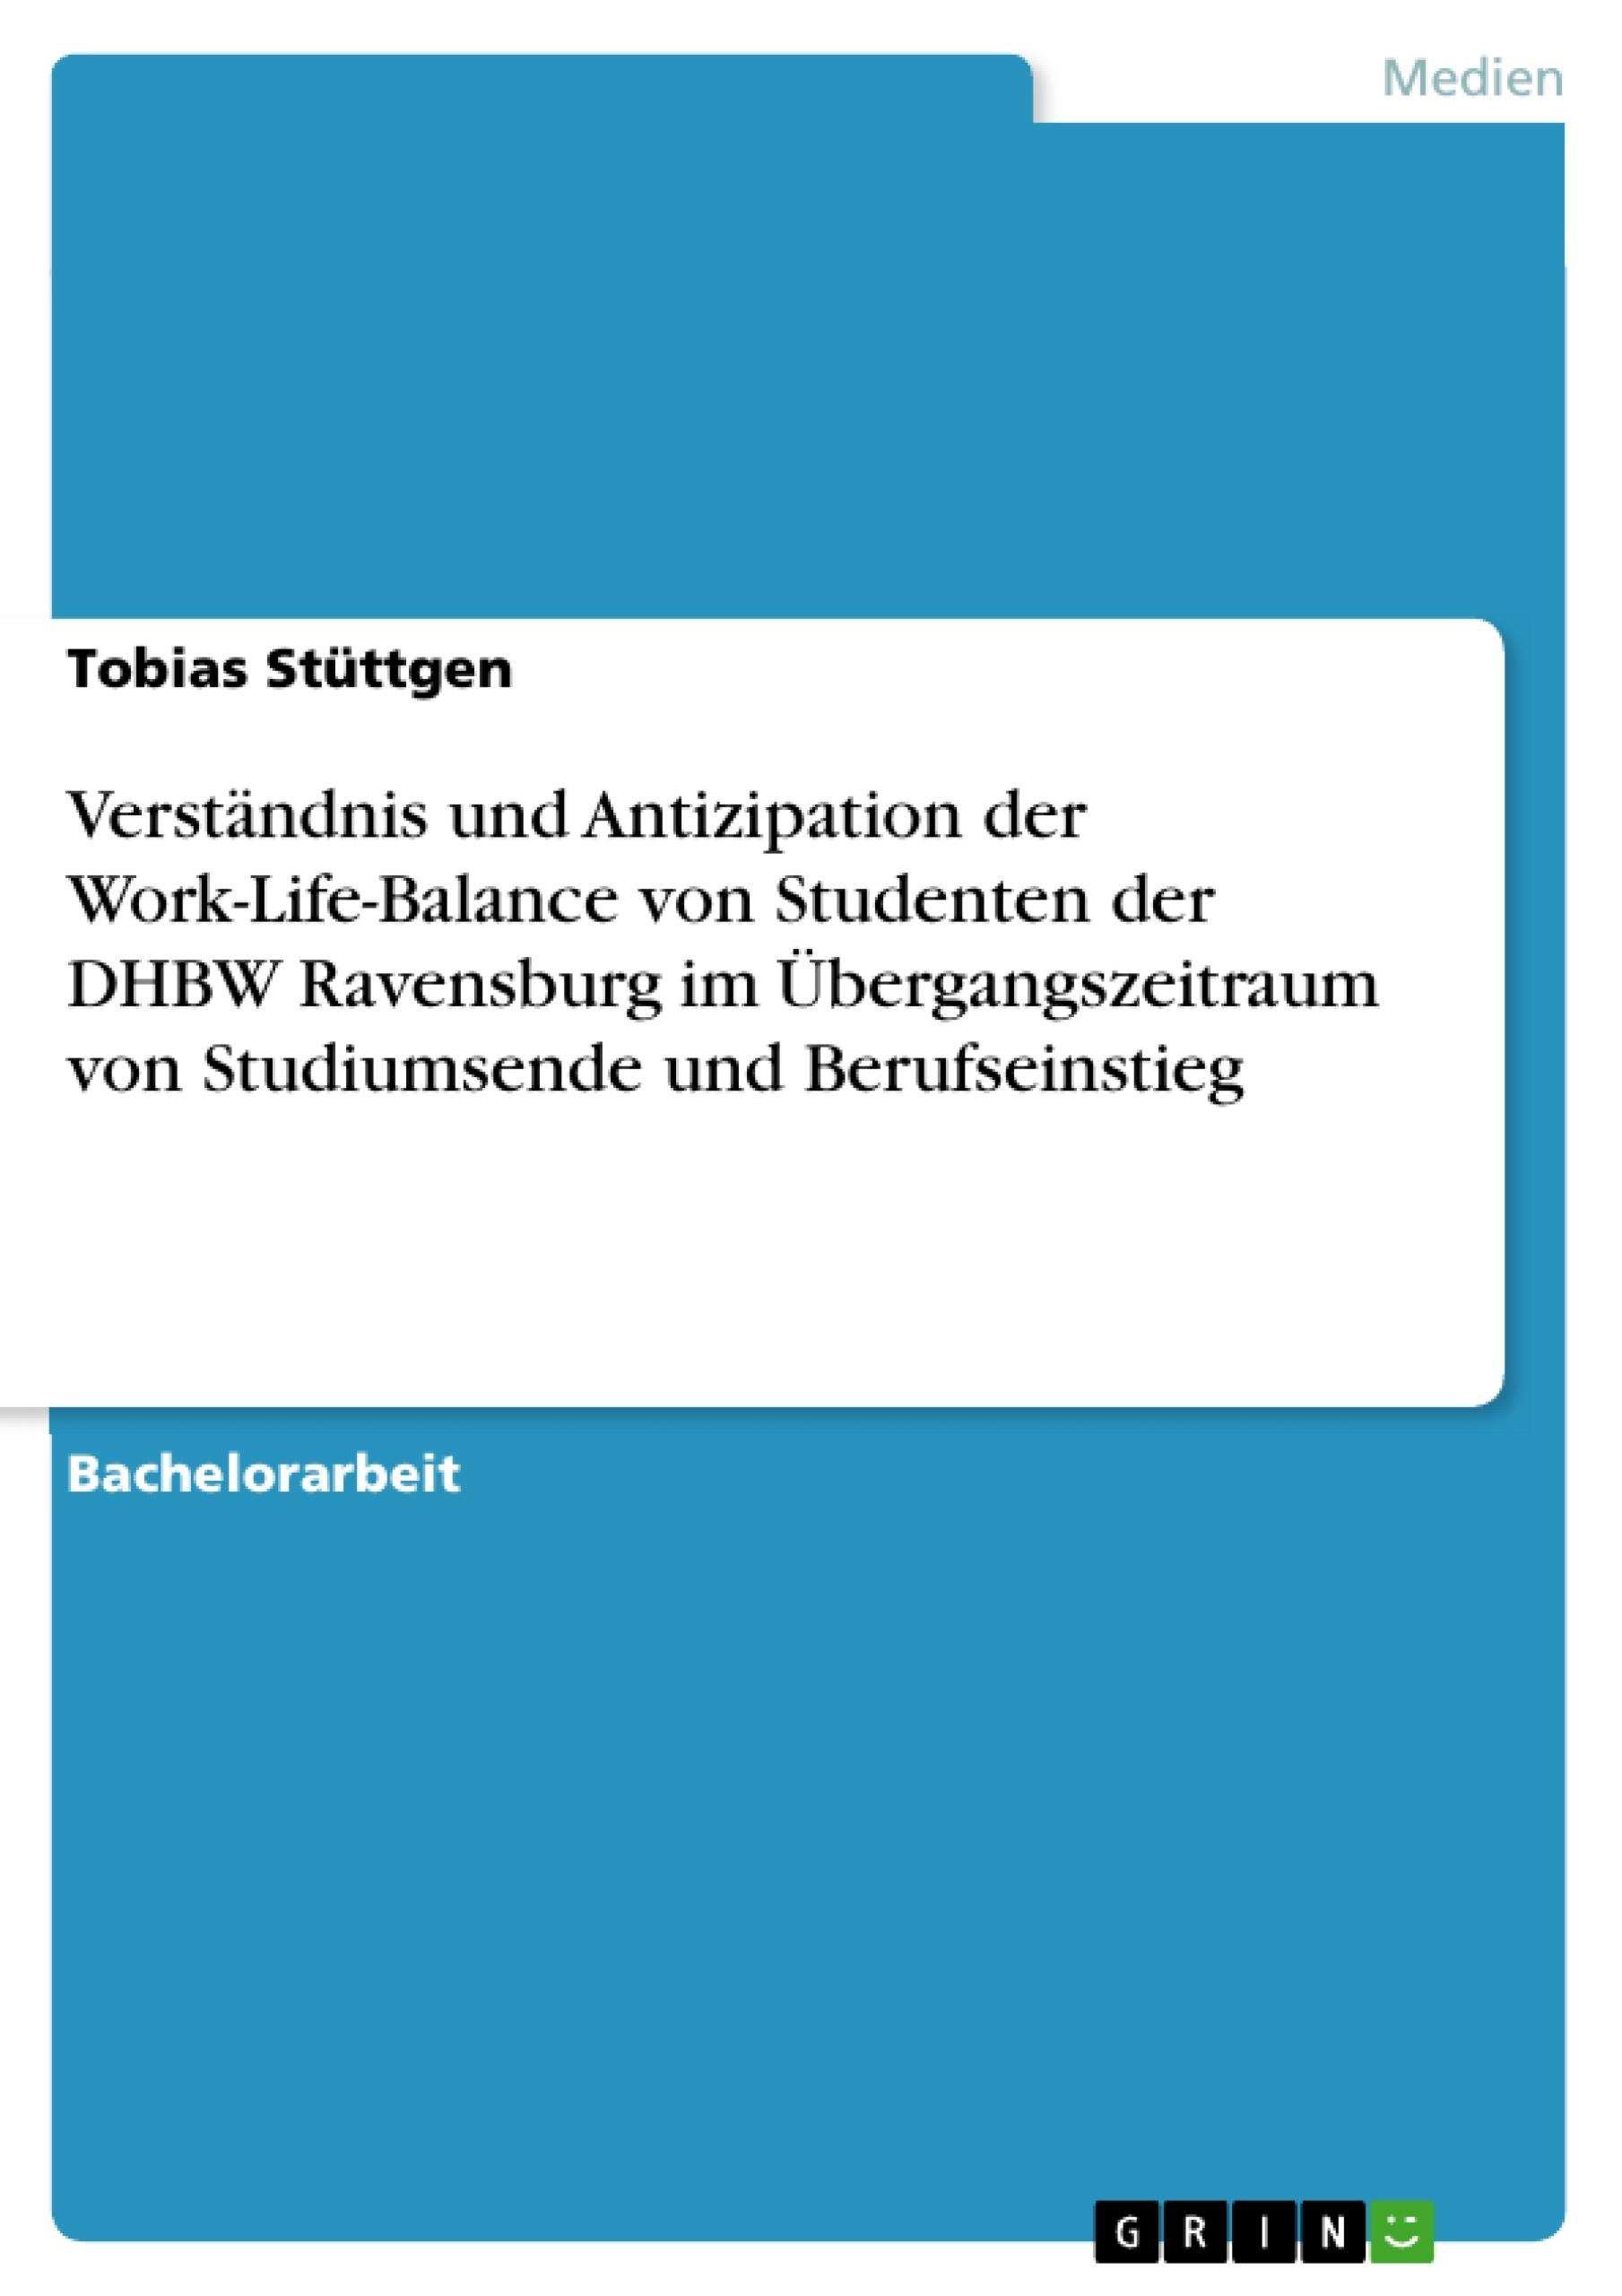 Titel: Verständnis und Antizipation der Work-Life-Balance von Studenten der DHBW Ravensburg im Übergangszeitraum von Studiumsende und Berufseinstieg